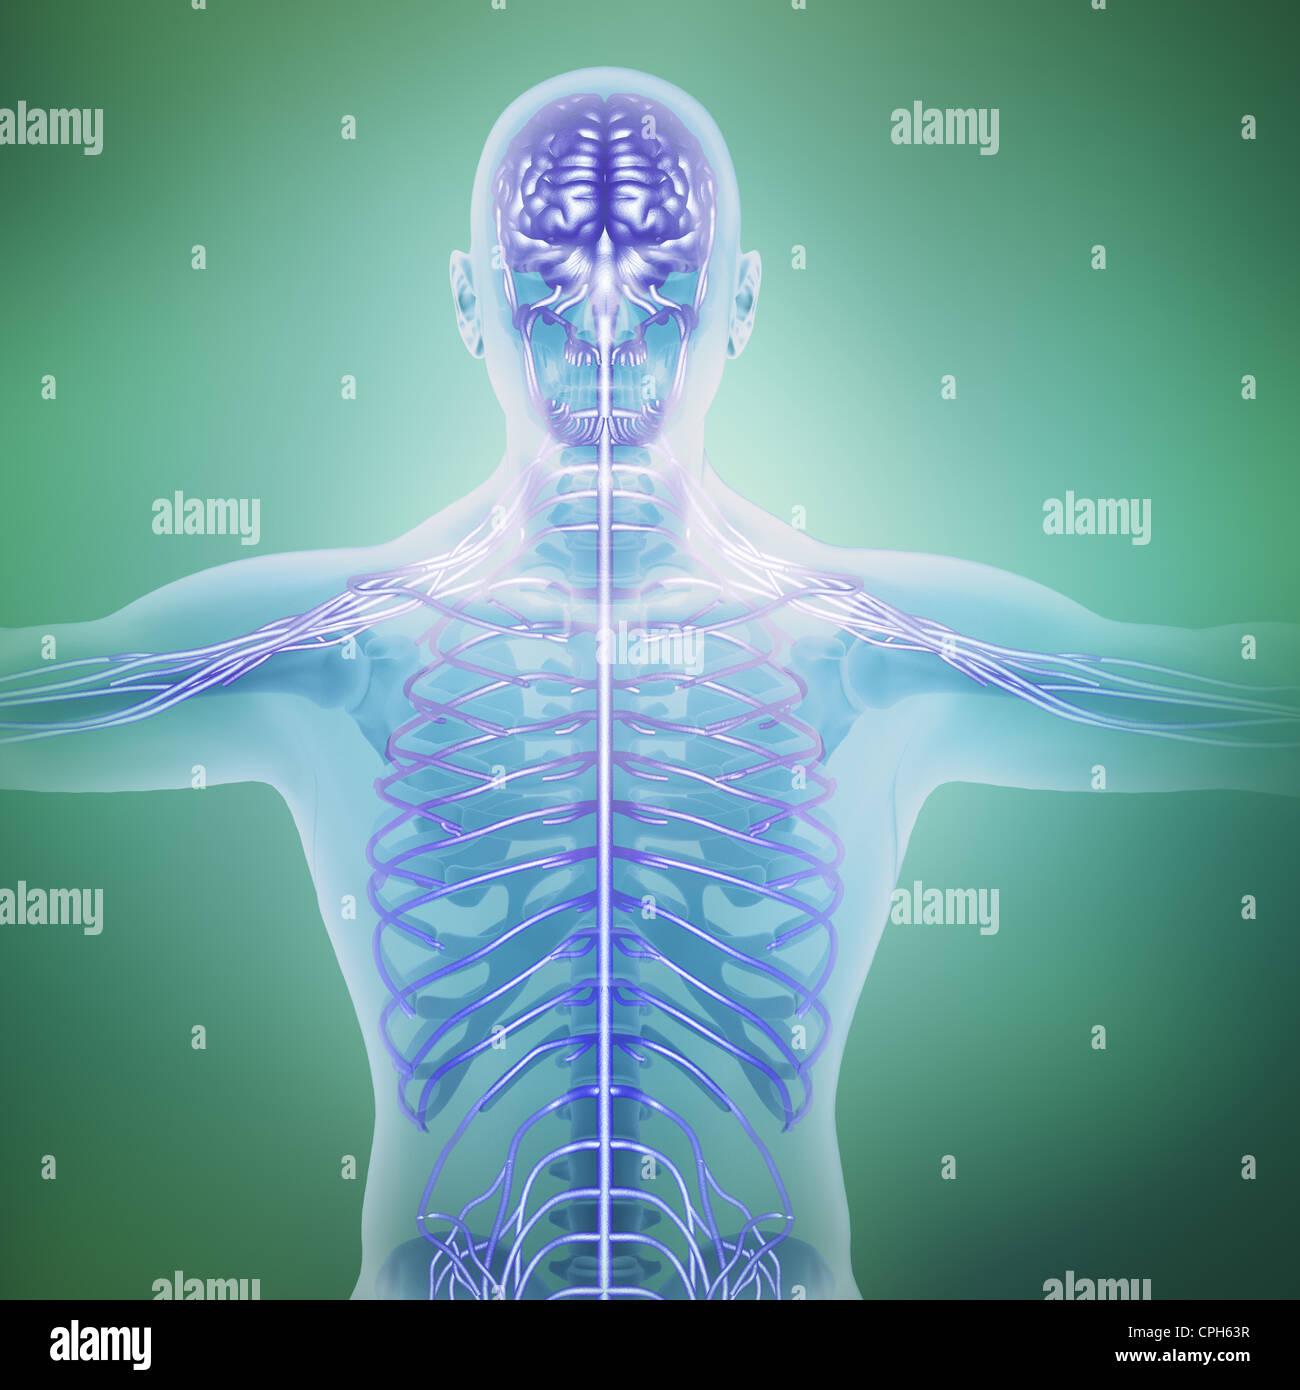 Anatomia humana ilustração - sistema nervoso central Imagens de Stock